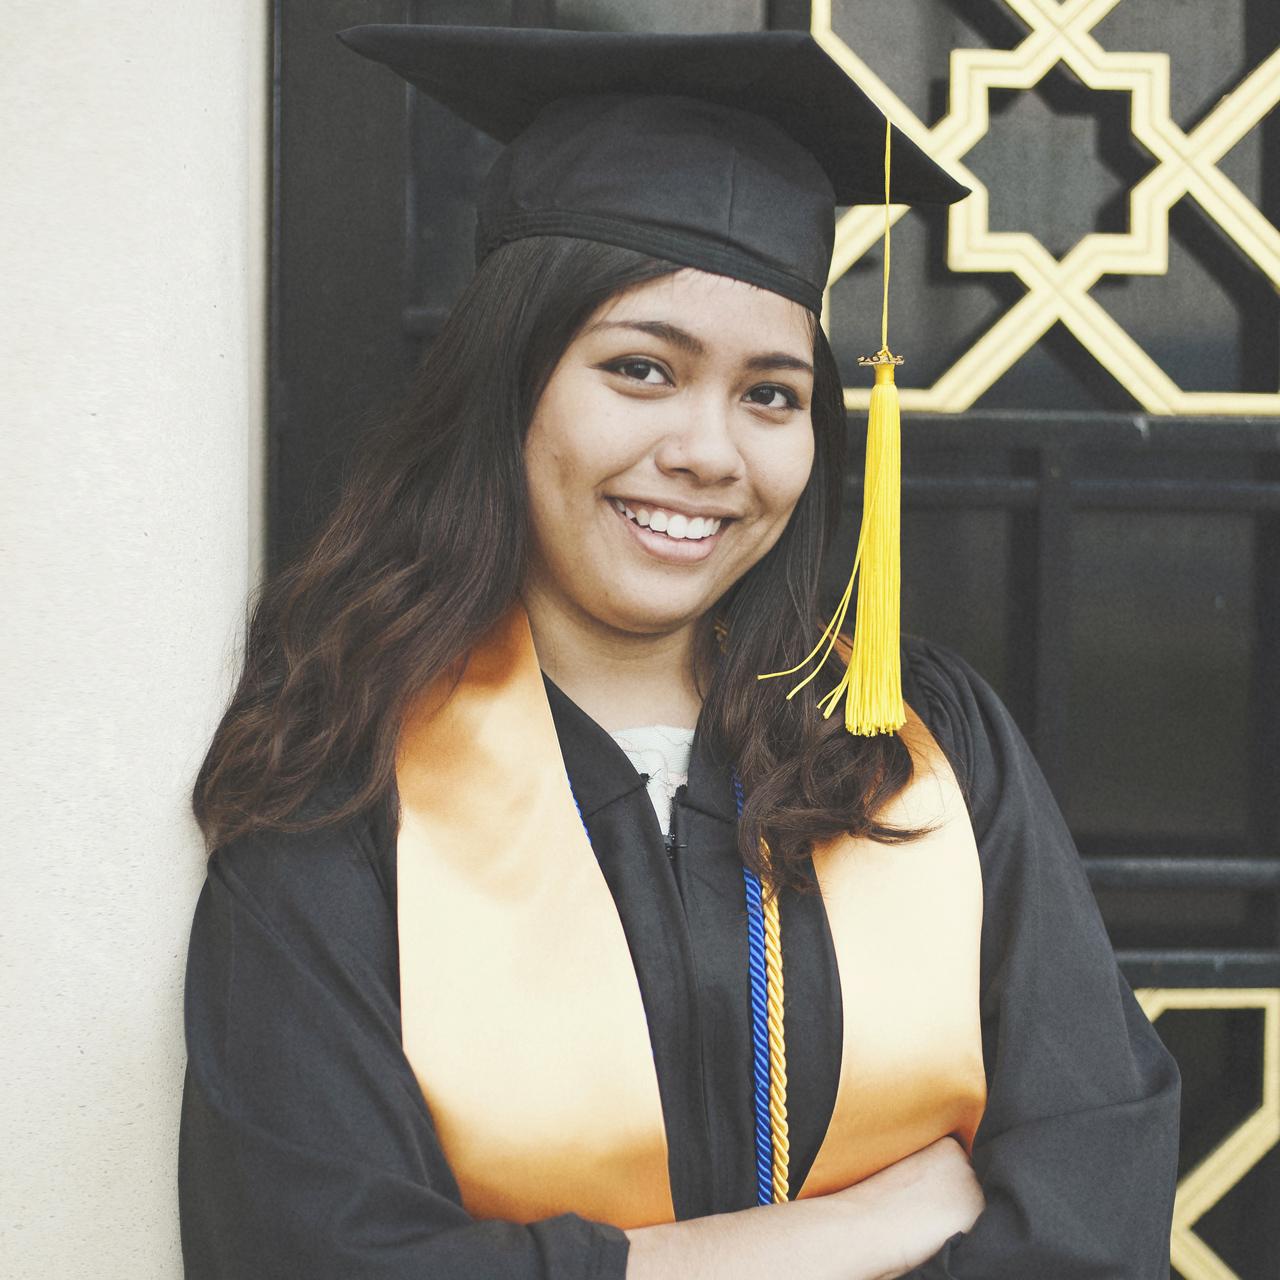 Ayesha Graduation Photography